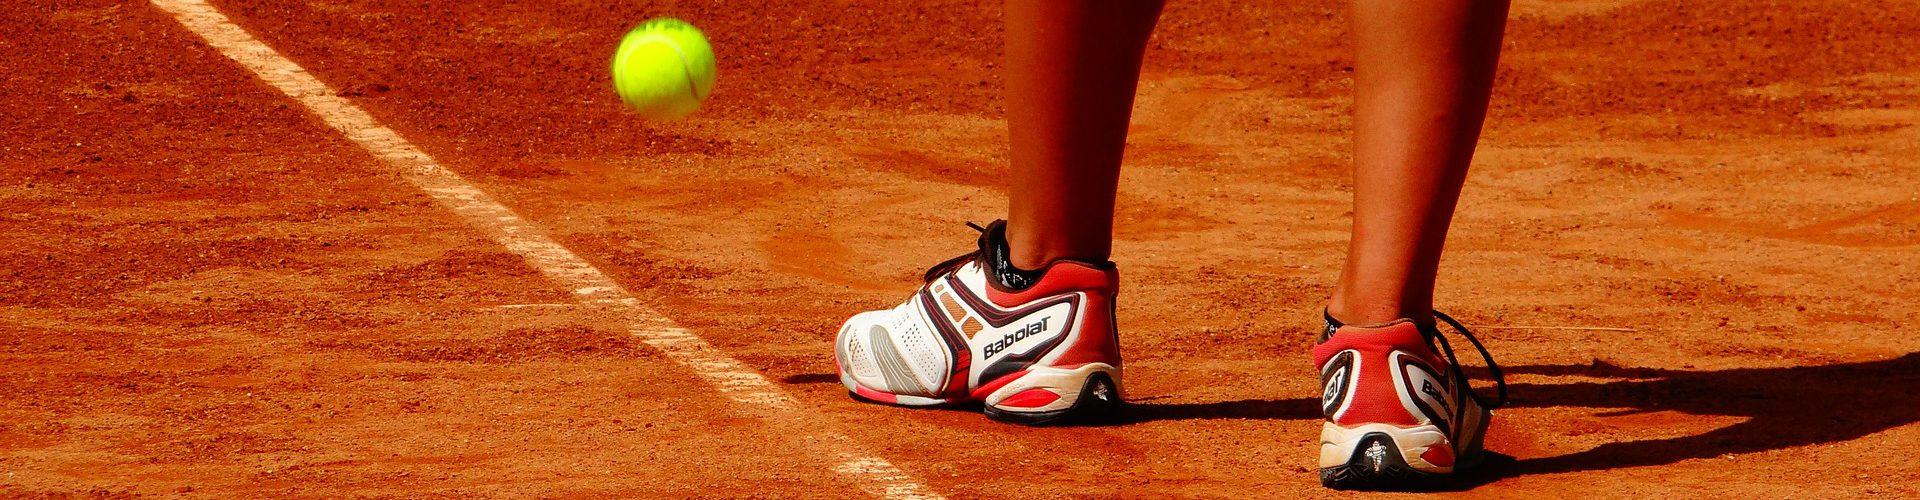 scuole di tennis